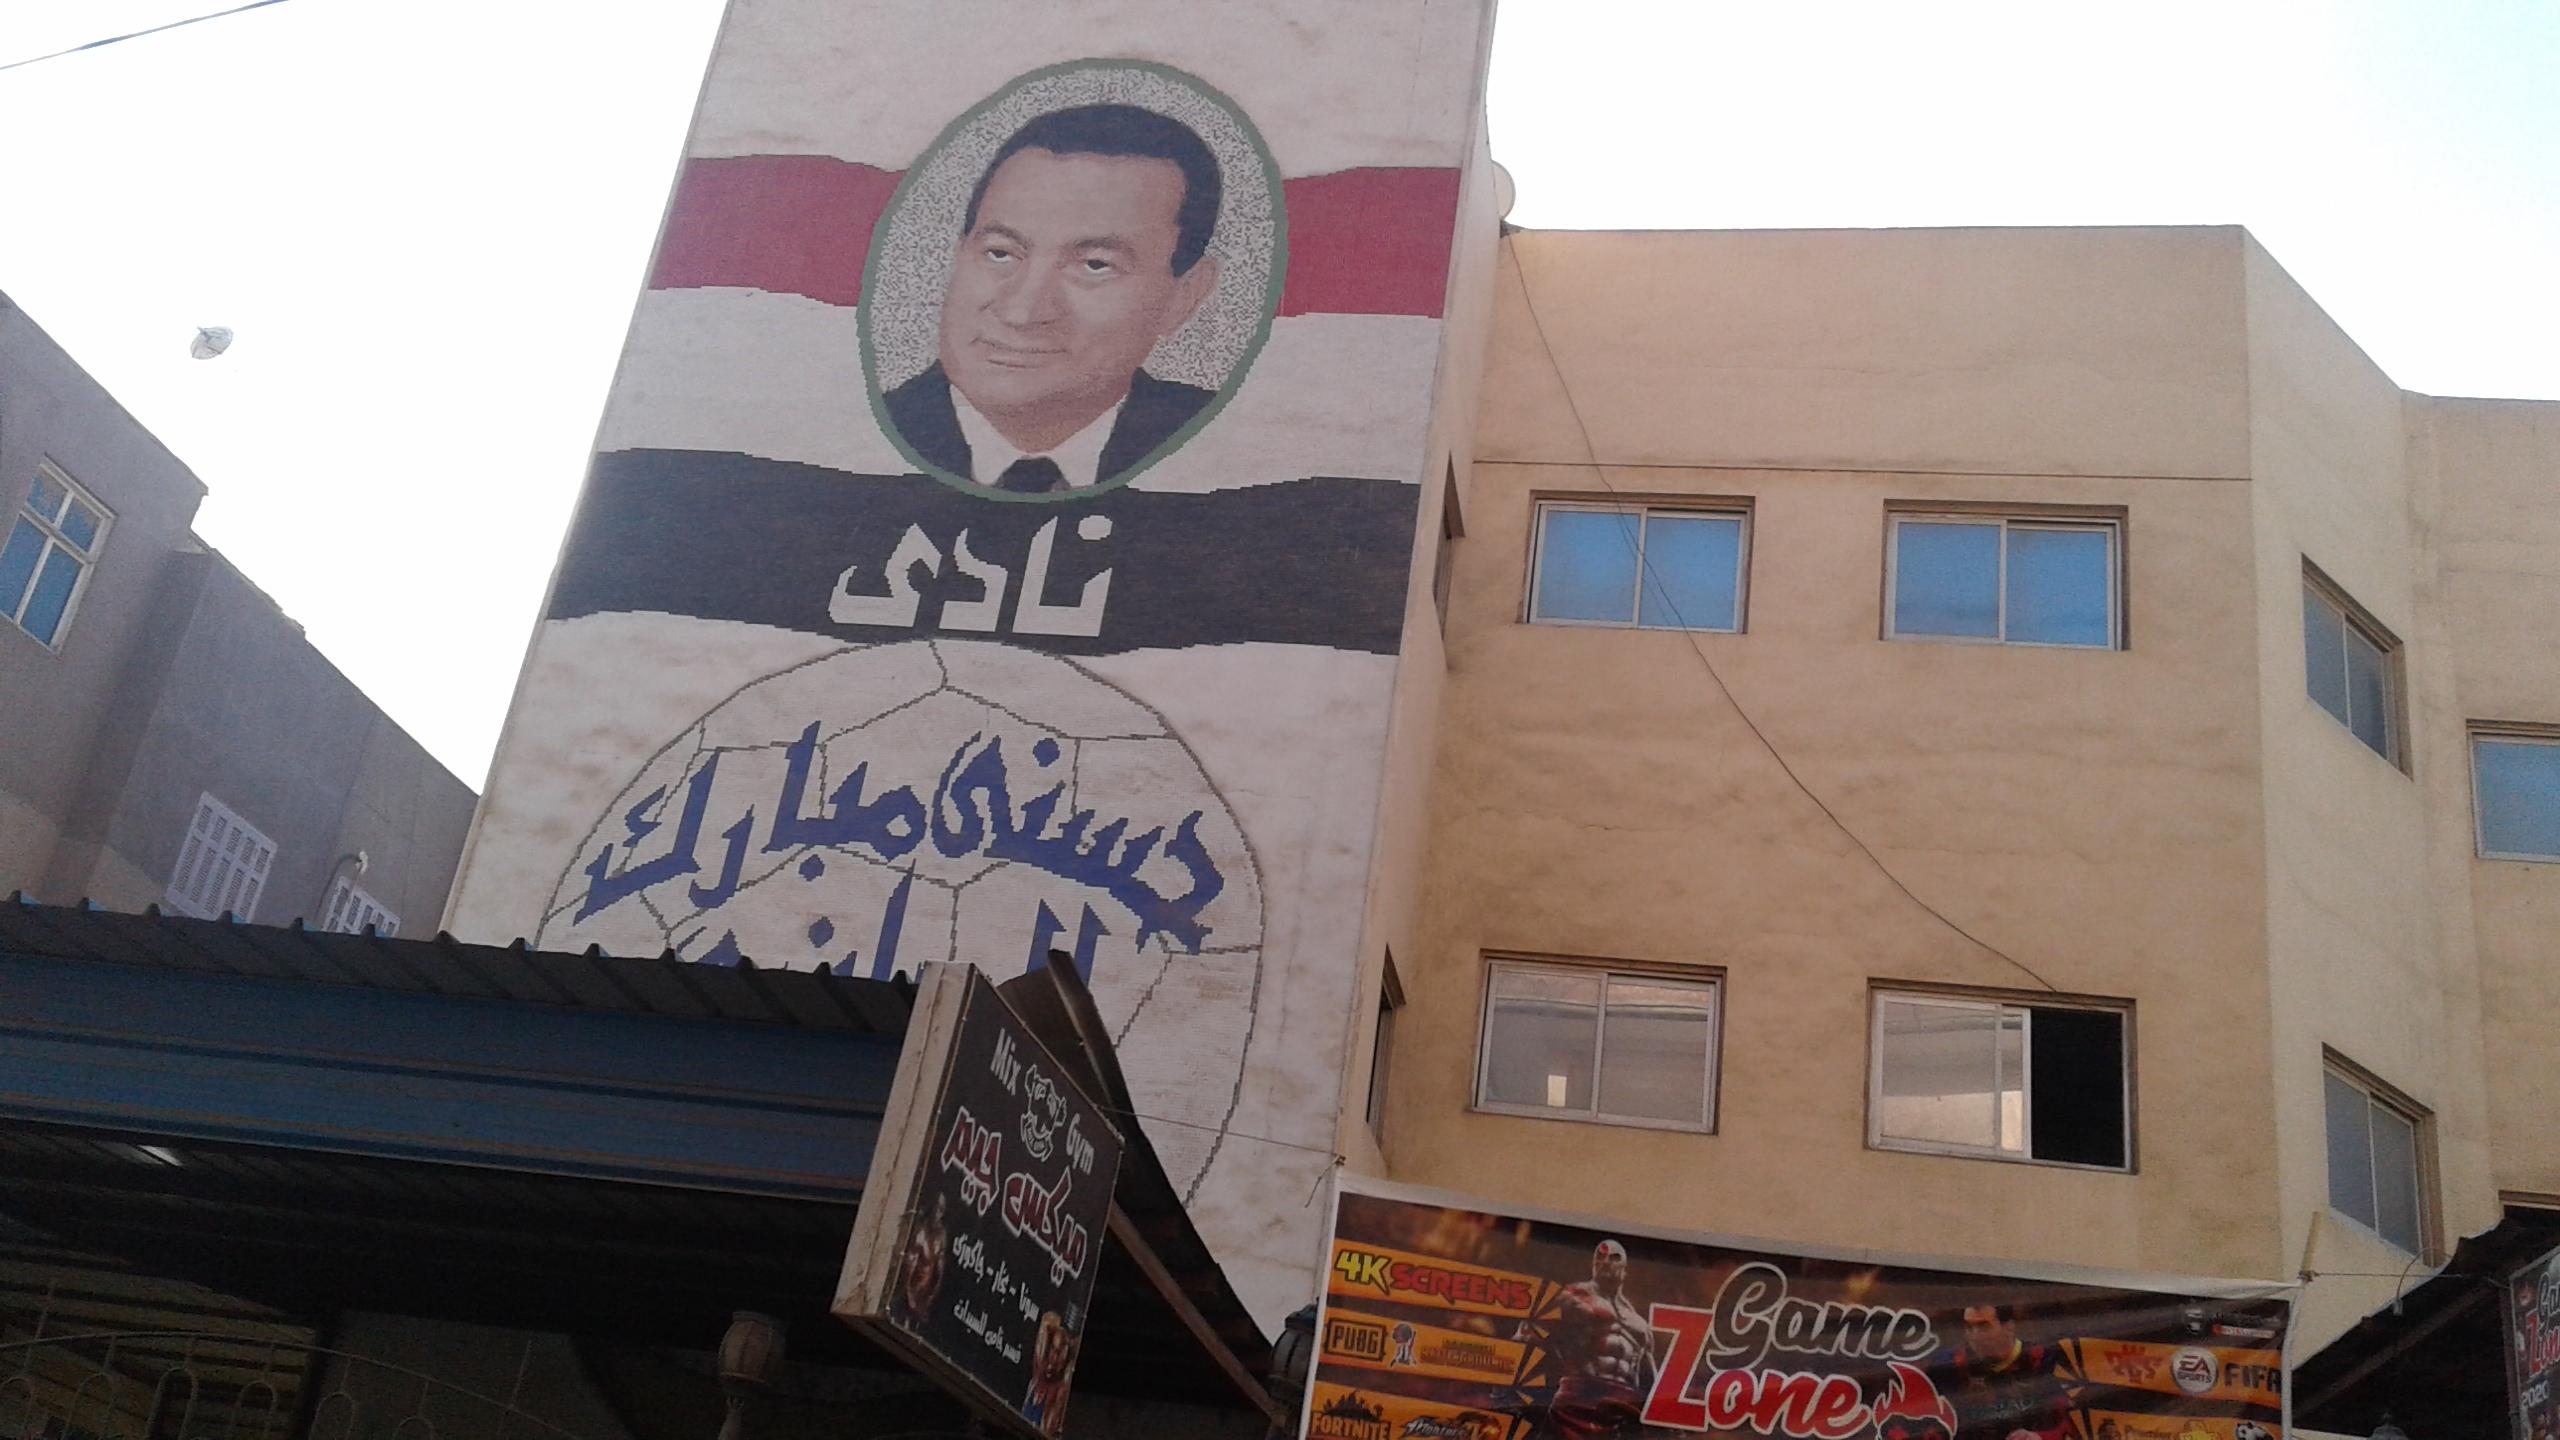 صور الرئيس الأسبق تزين مبنى النادى الرياضى (4)